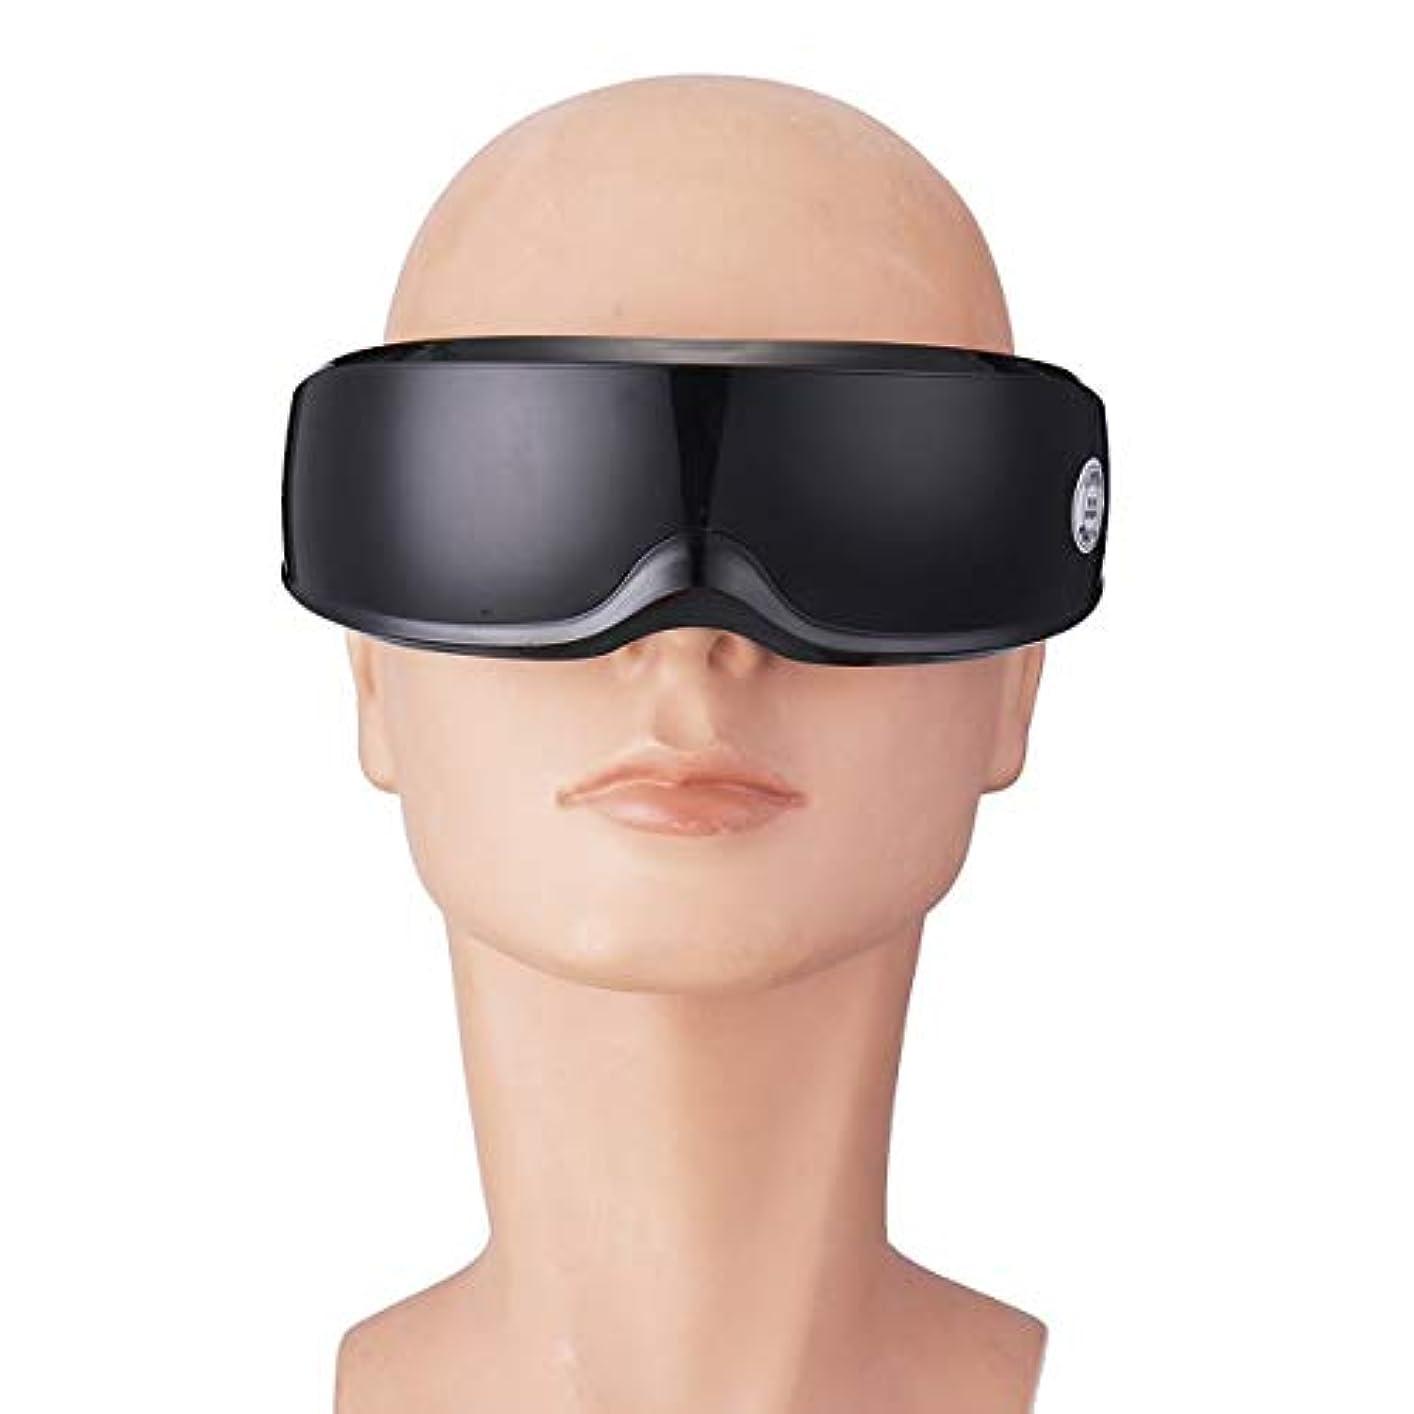 公平なテレックス歯科のUSB Charging Electric Eye Massager Heating Care Vibration Massage Stress Relief Relaxation Eyesight Recovery Eye...